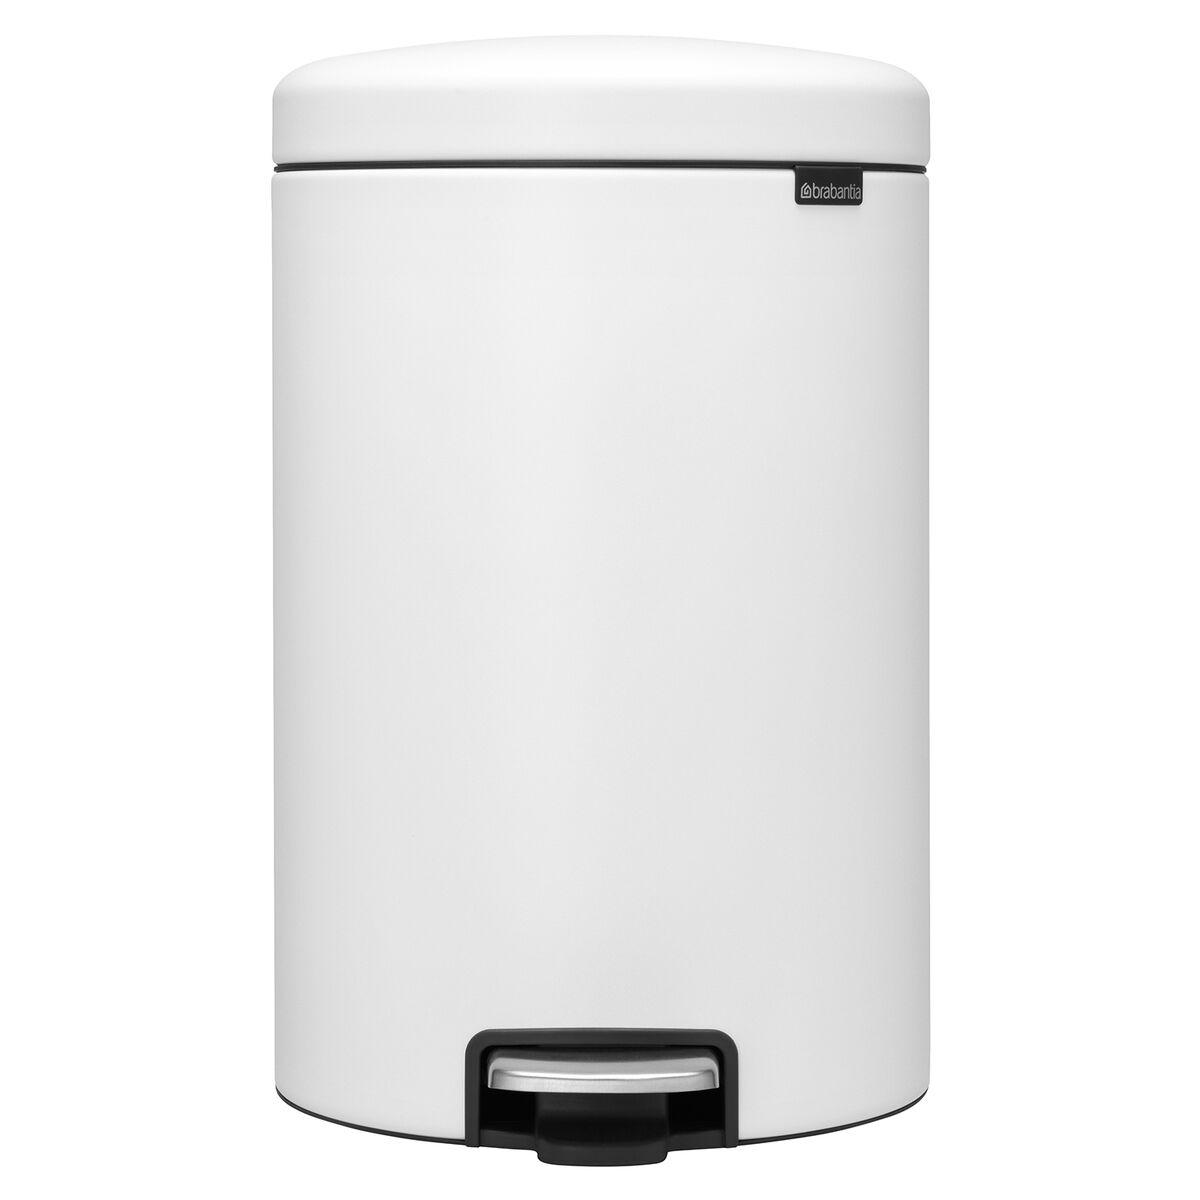 Brabantia newIcon poljinroska-astia 20 L, Sense of Luxury, valkoinen